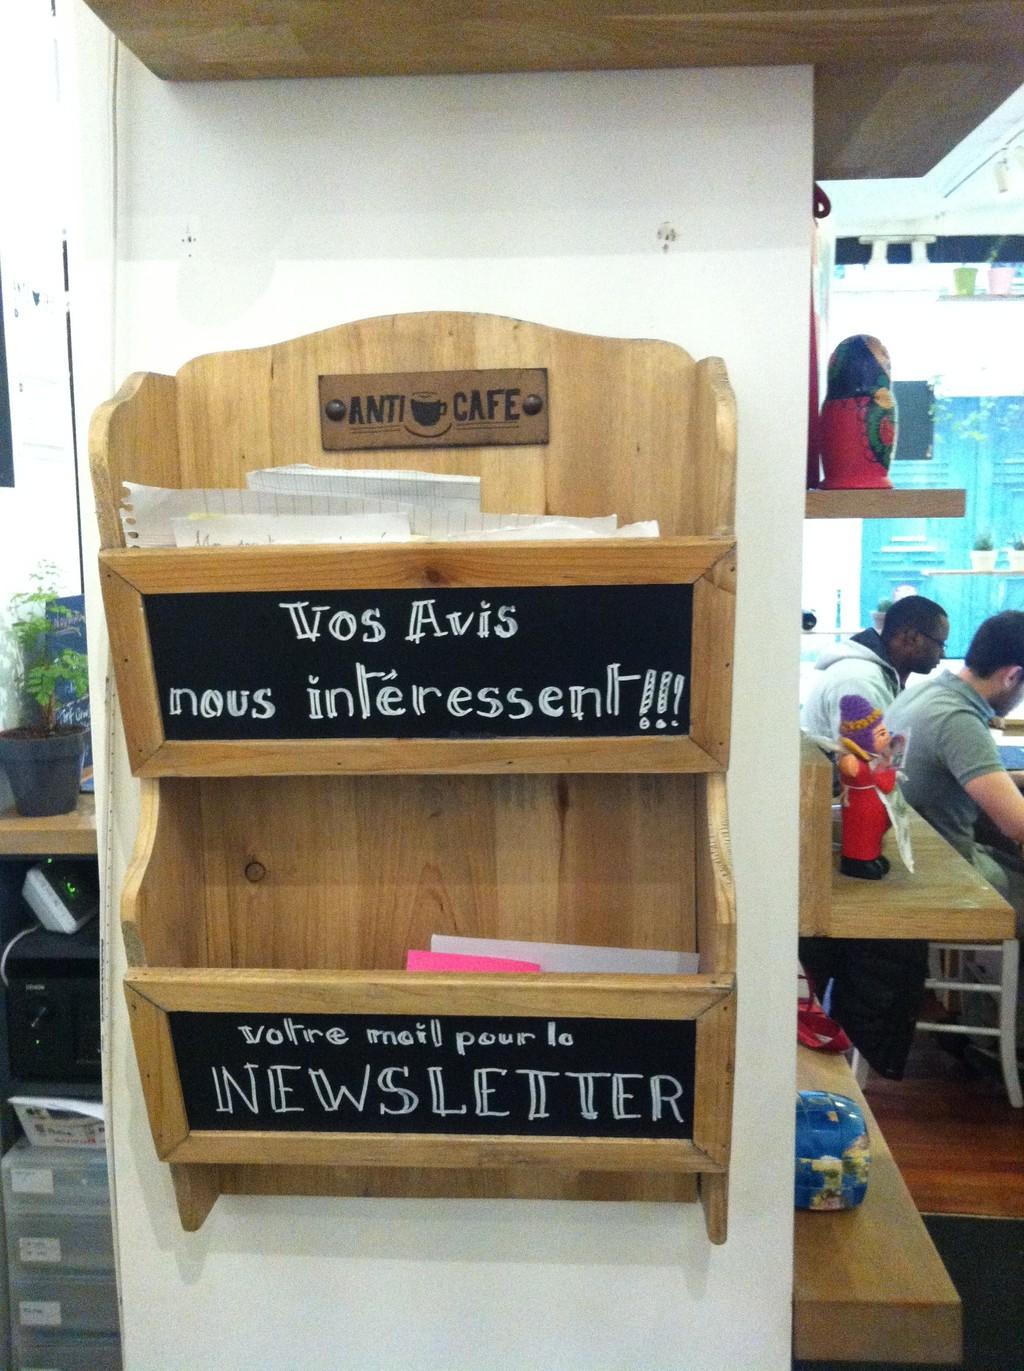 Anticafé Parijs | Daar moet je zeker heen